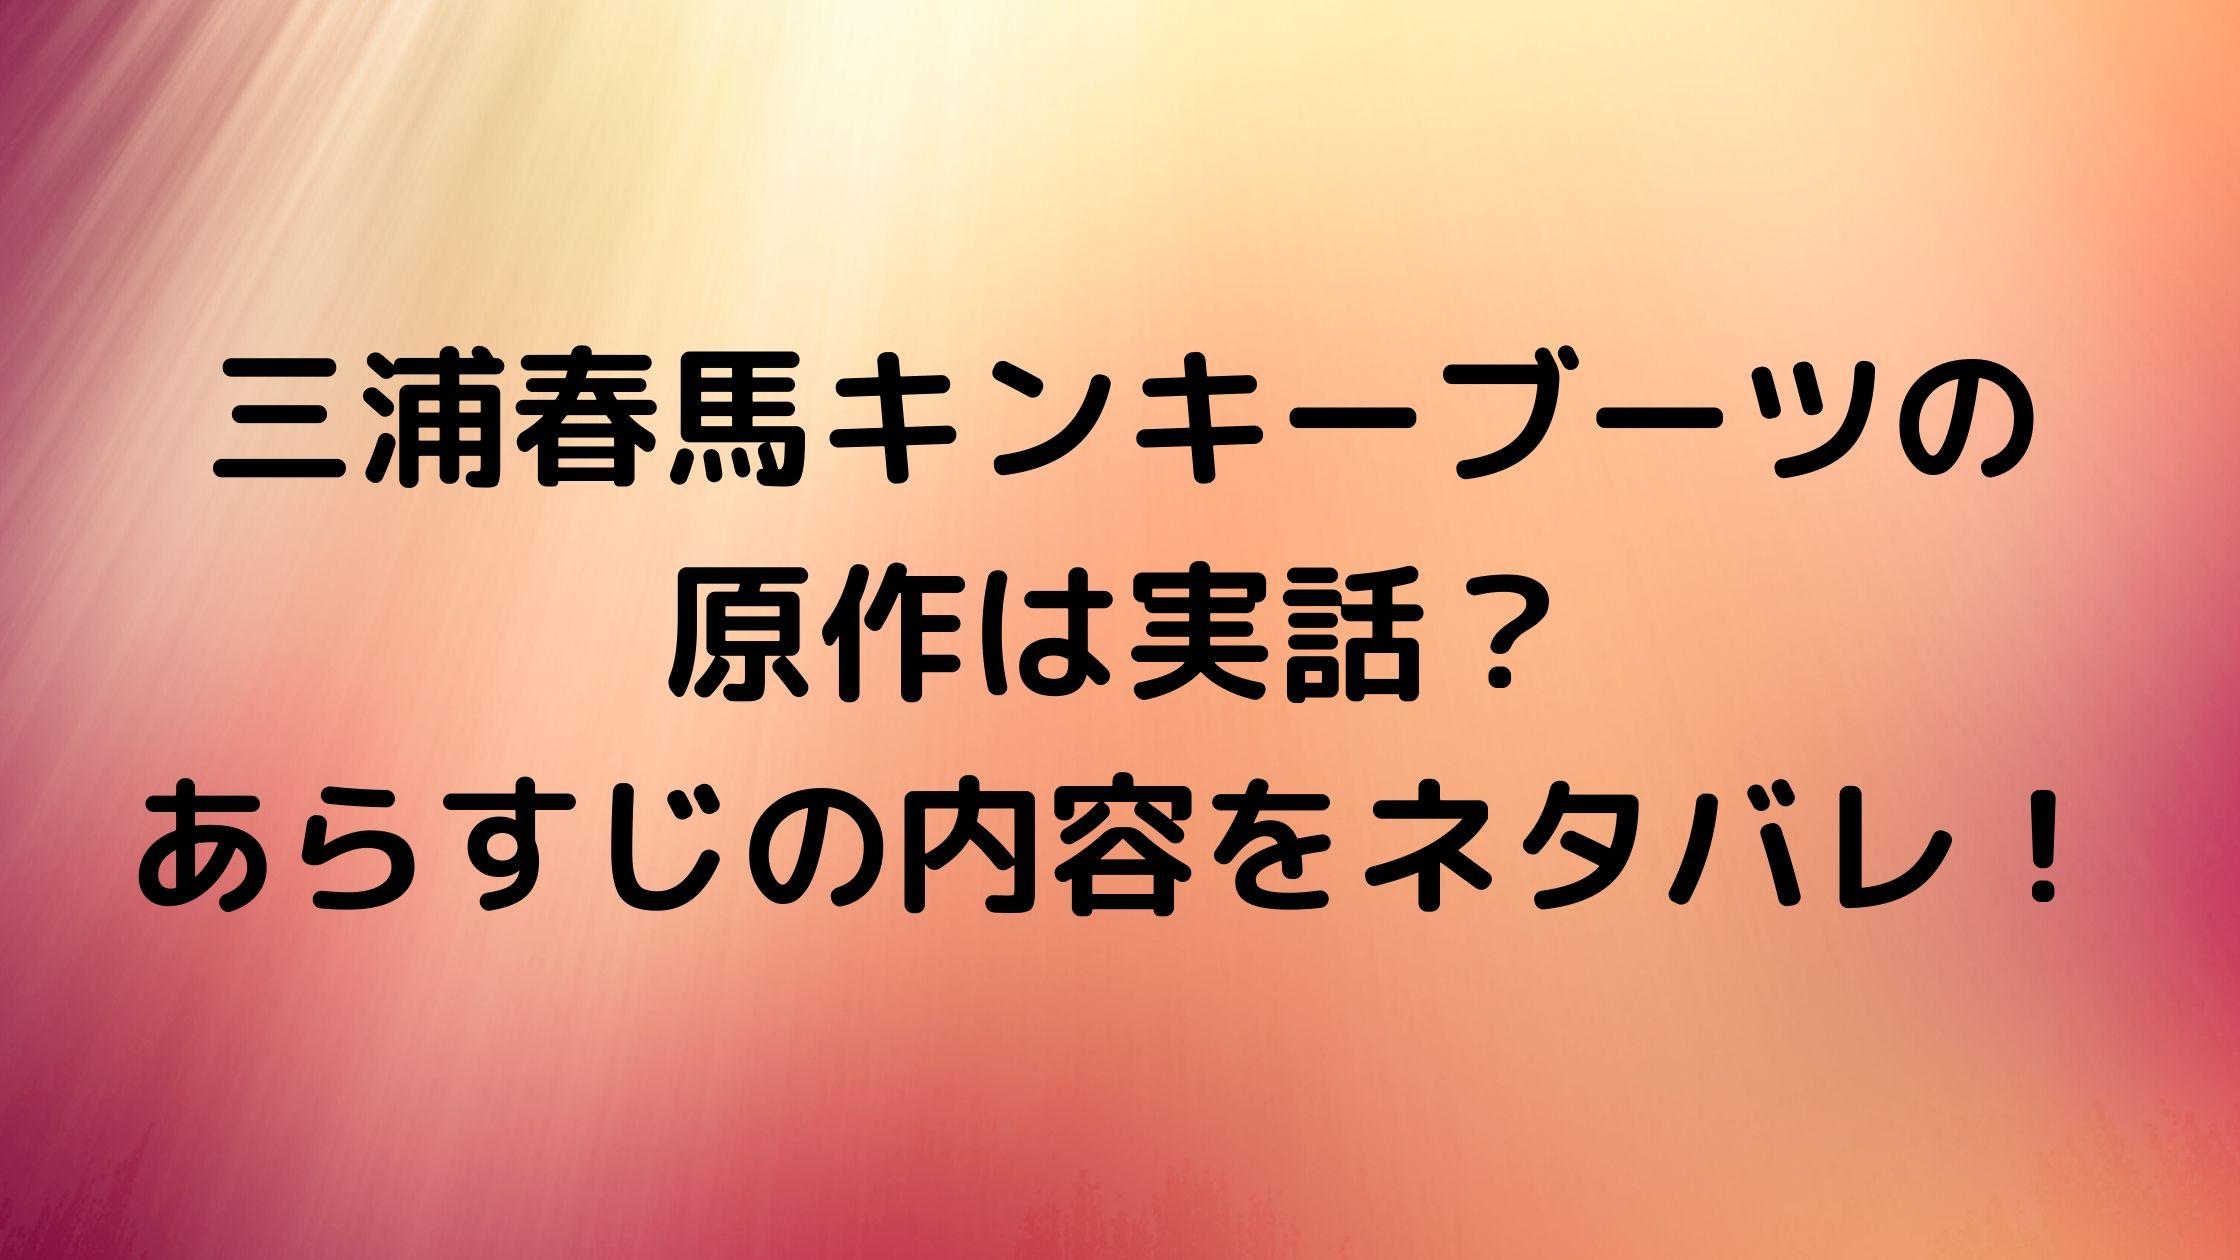 三浦春馬キンキーブーツの原作は実話?あらすじの内容をネタバレ!